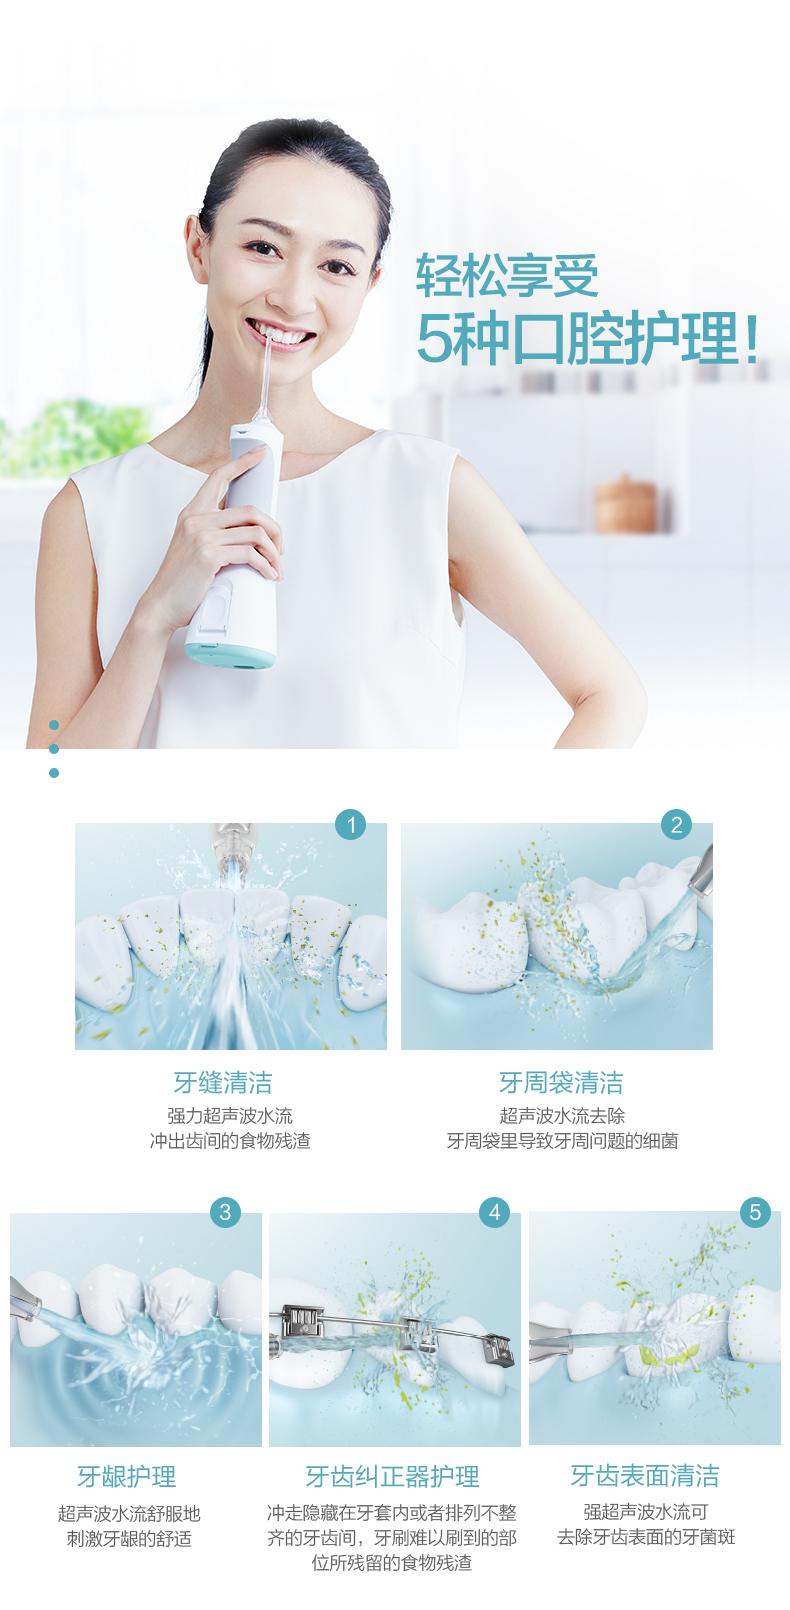 日本 松下Panasonic 超声波洗牙器 五档水压 图10